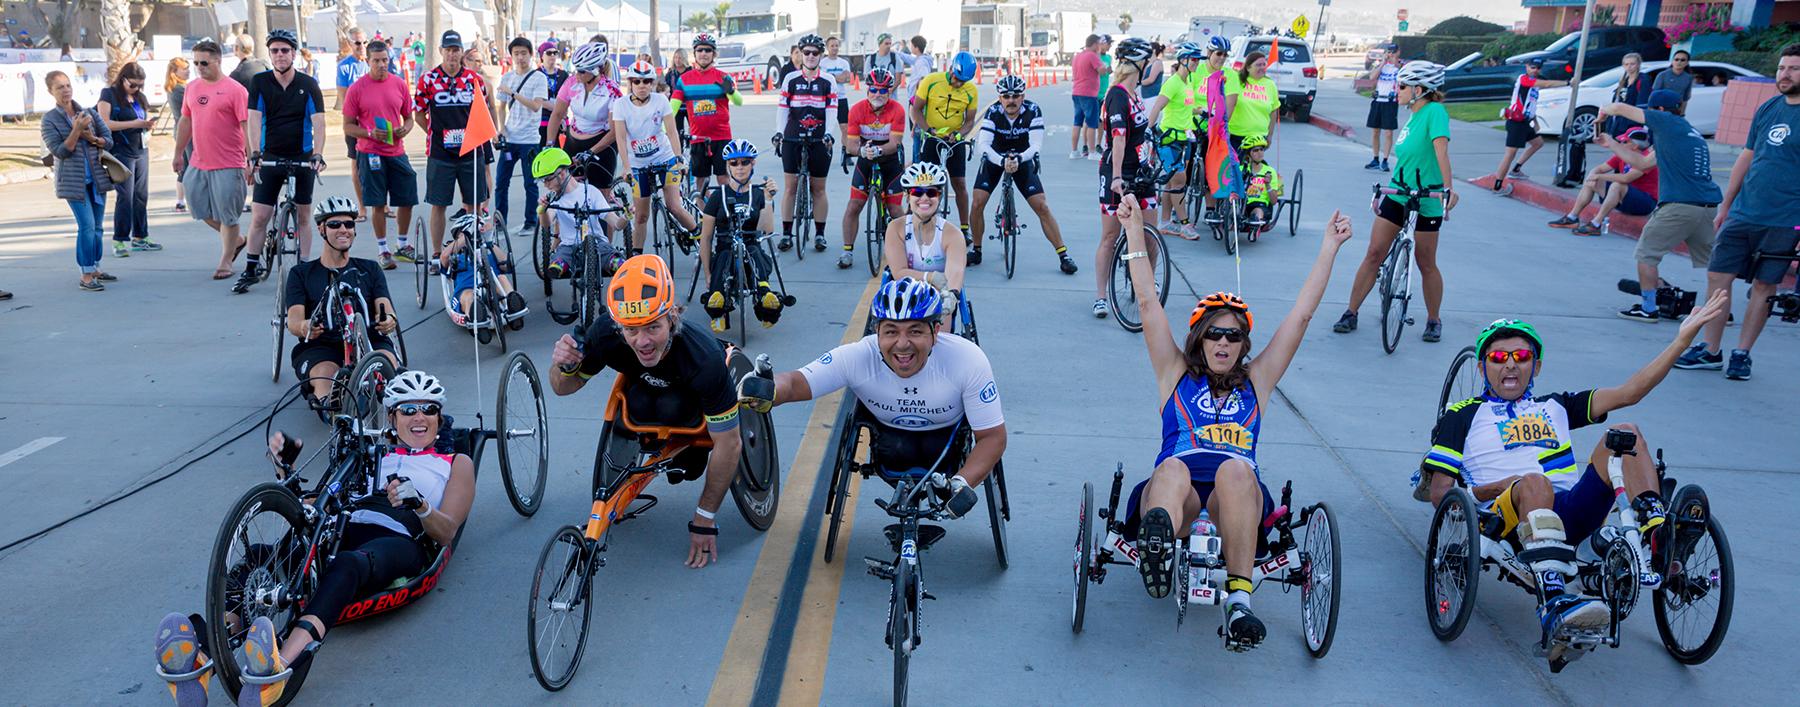 SDTC cyclists